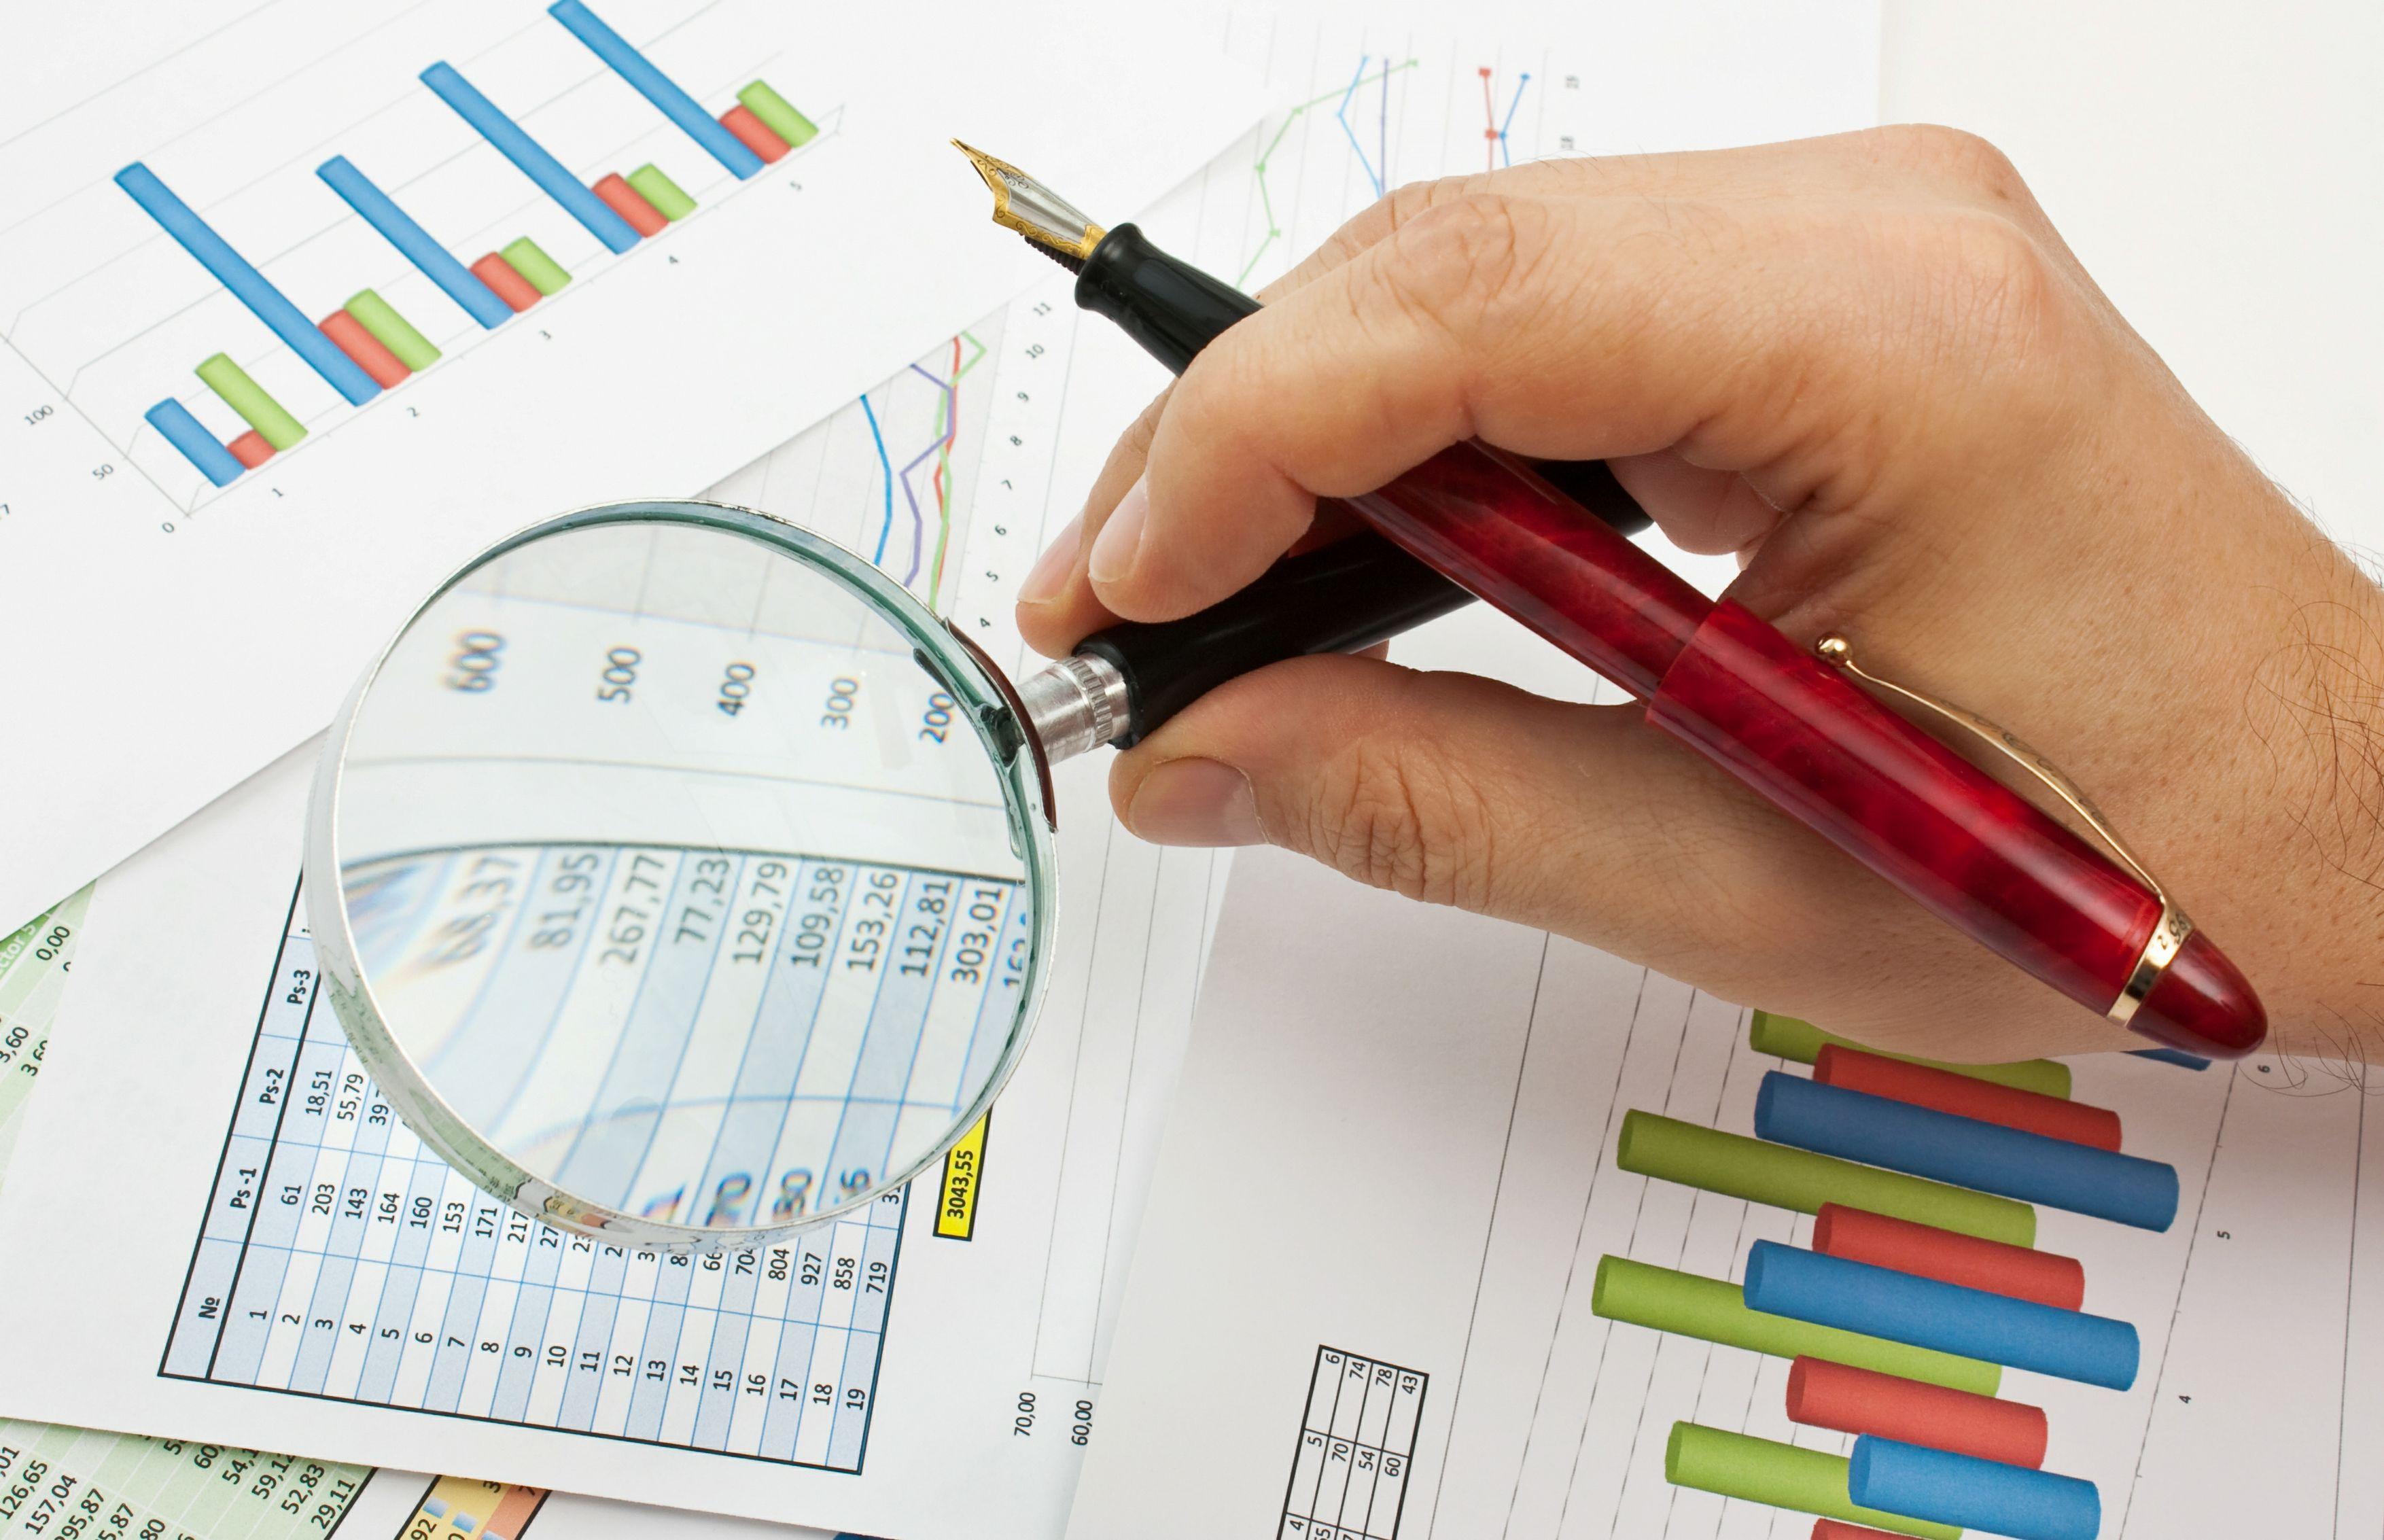 格隆汇港股聚焦(11.07)︱长城汽车10月销量升4.5%至11.5万辆   比亚迪与丰田成立合资电动车研发公司